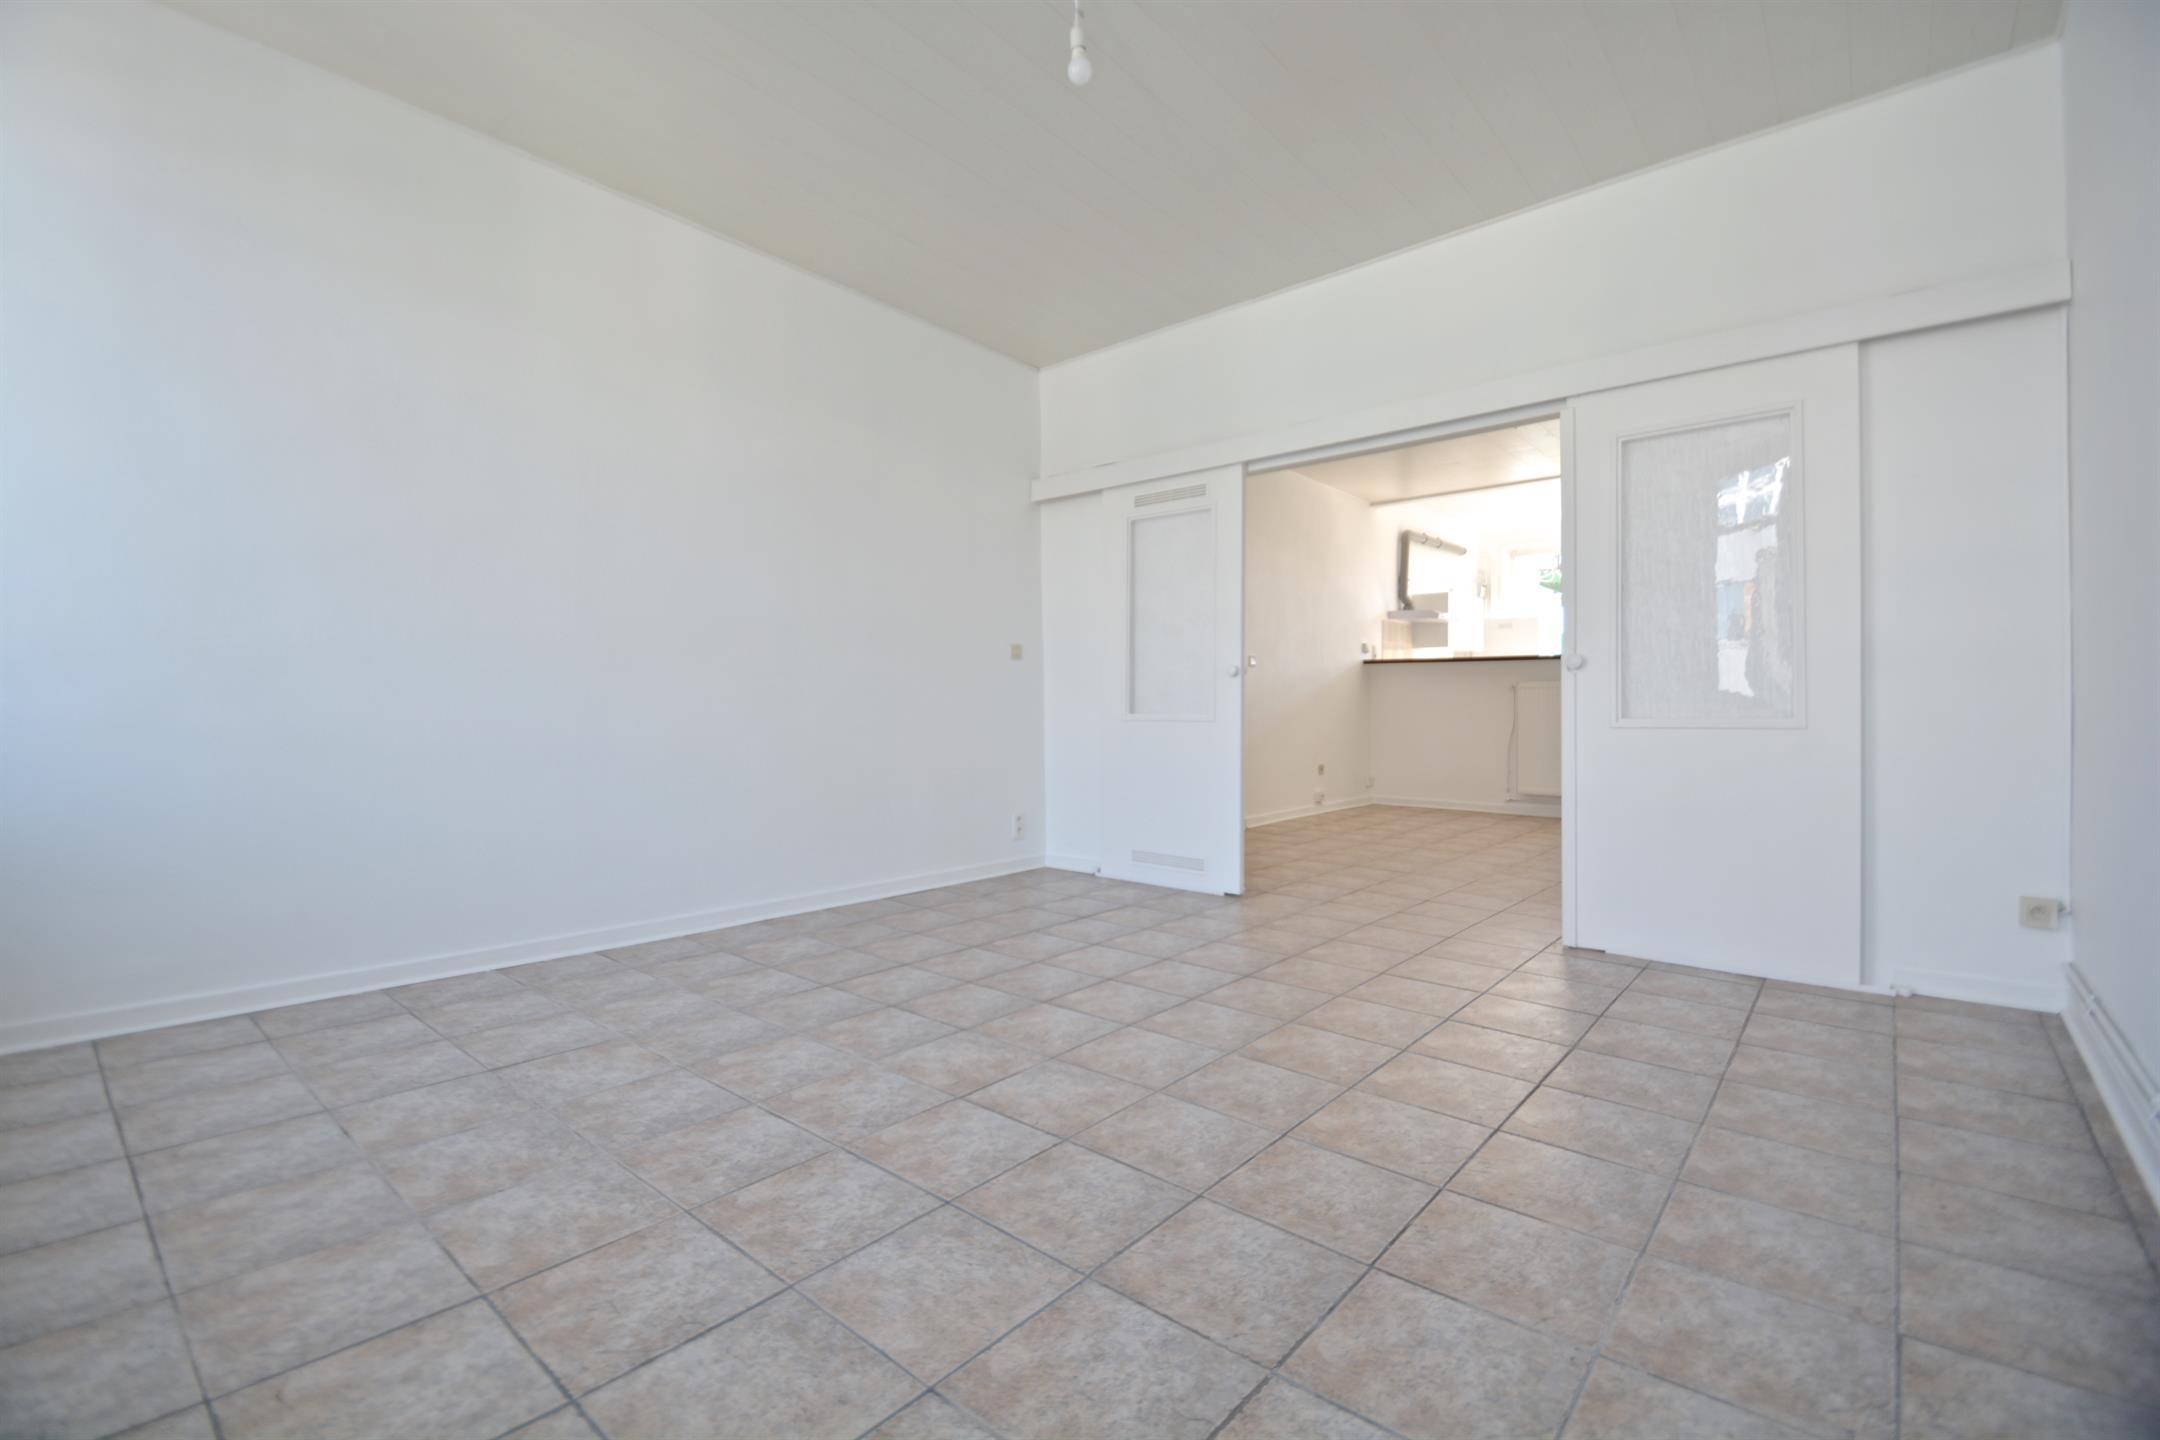 Appartement - Saint-Gilles - #4118613-4